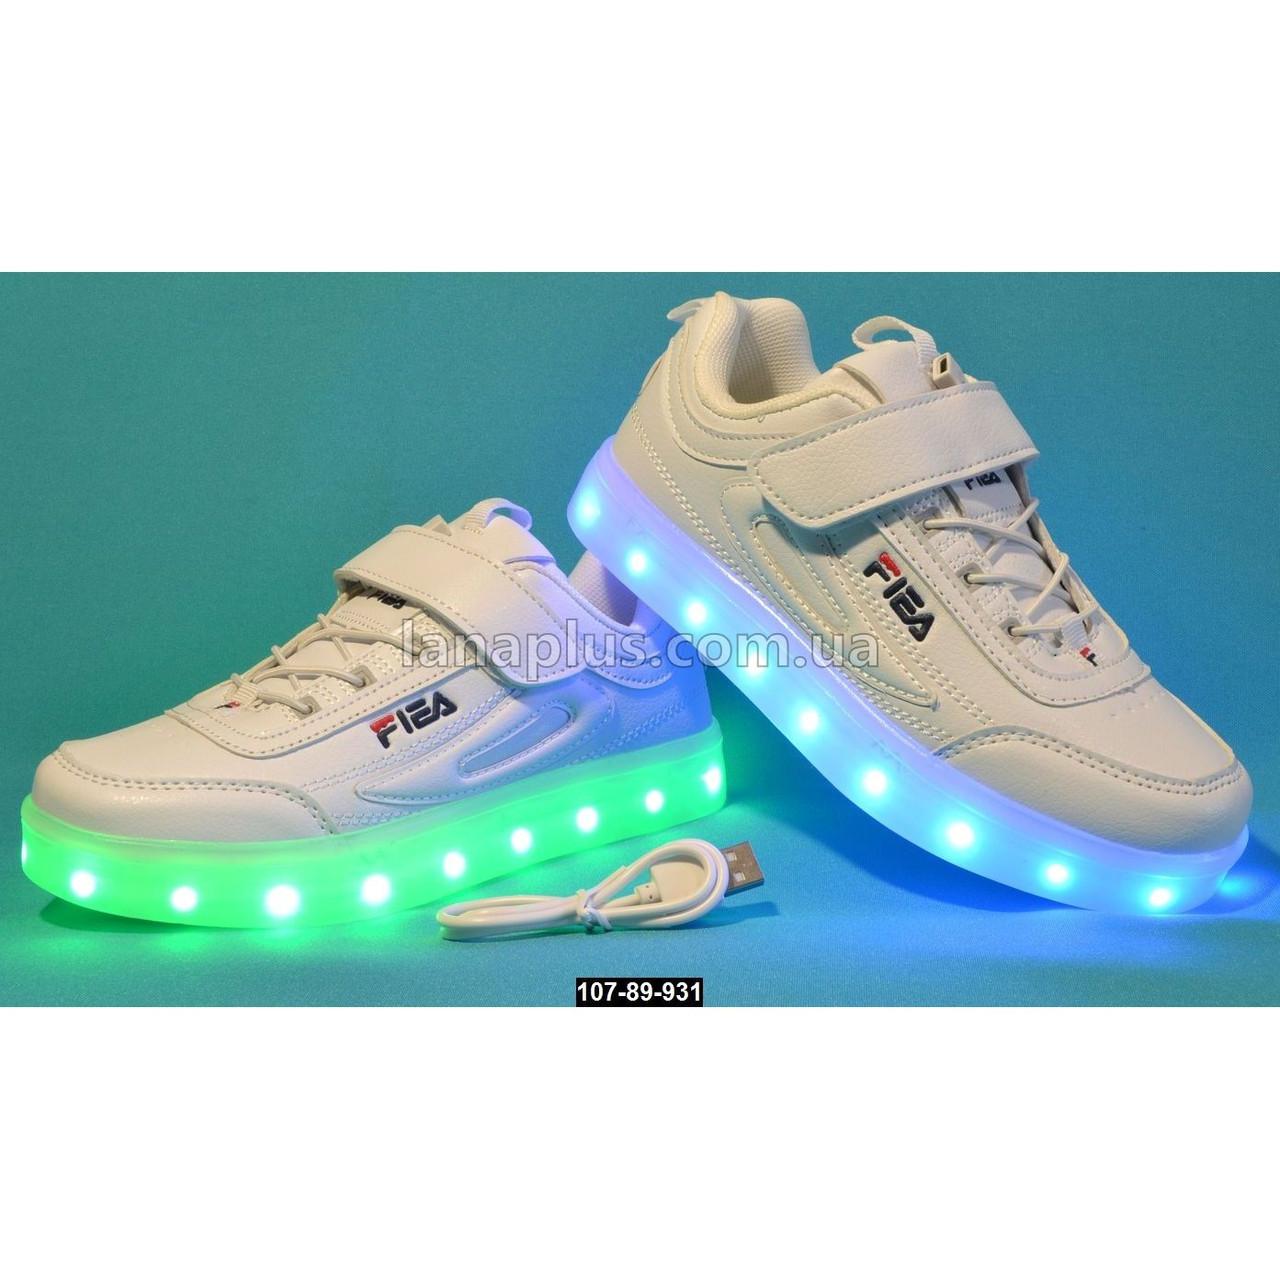 Детские светящиеся кроссовки, USB, 26 размер (16.7 см), 11 режимов LED подсветки, супинатор